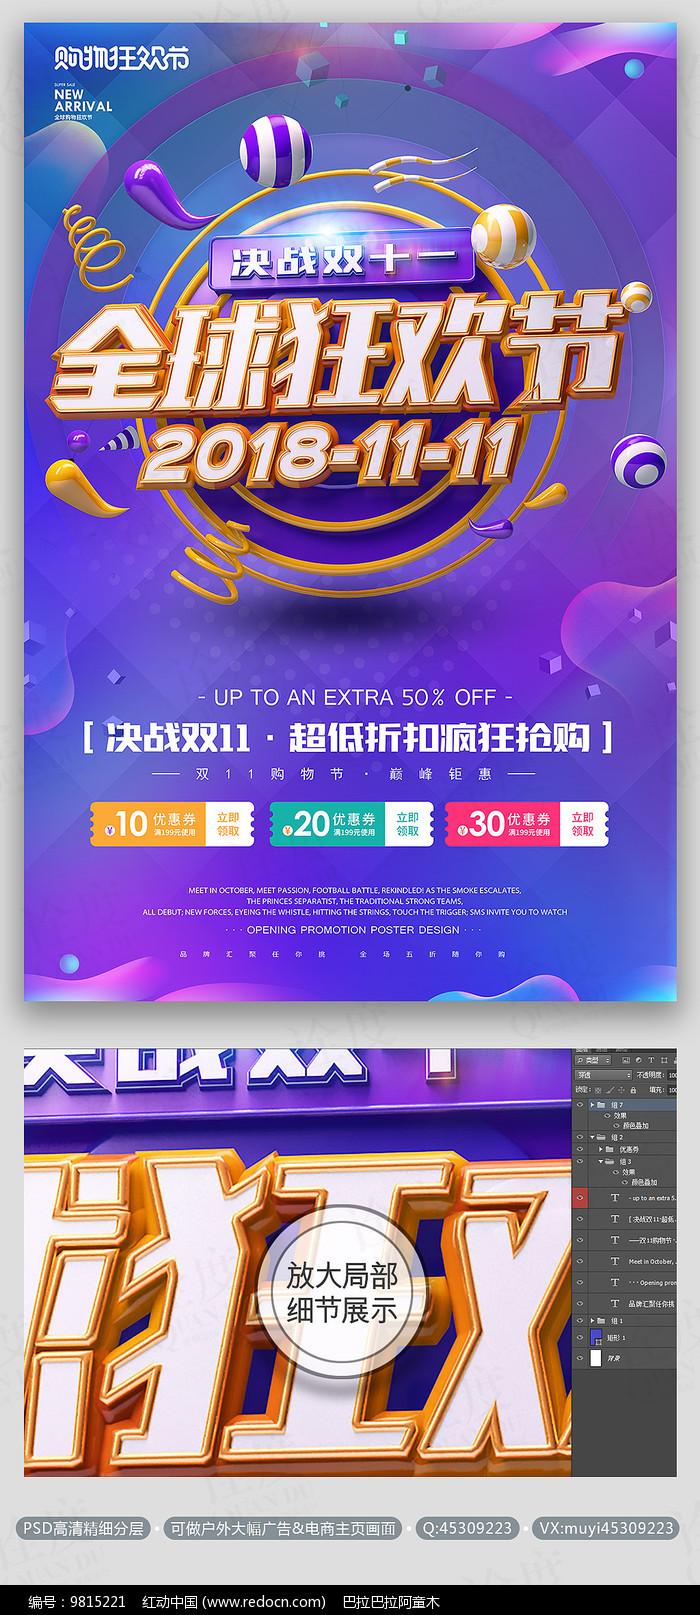 全球狂欢节商场双11海报图片